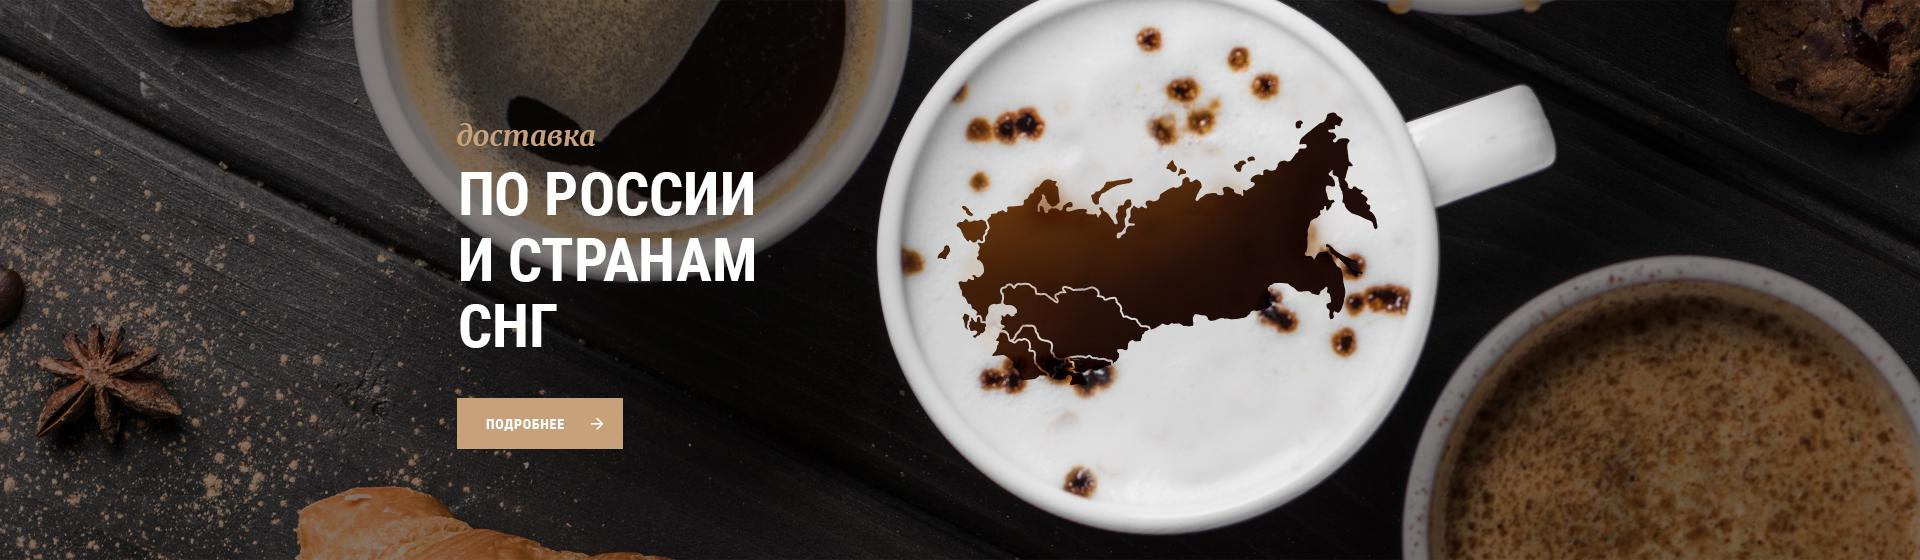 Доставка по России и странам СНГ